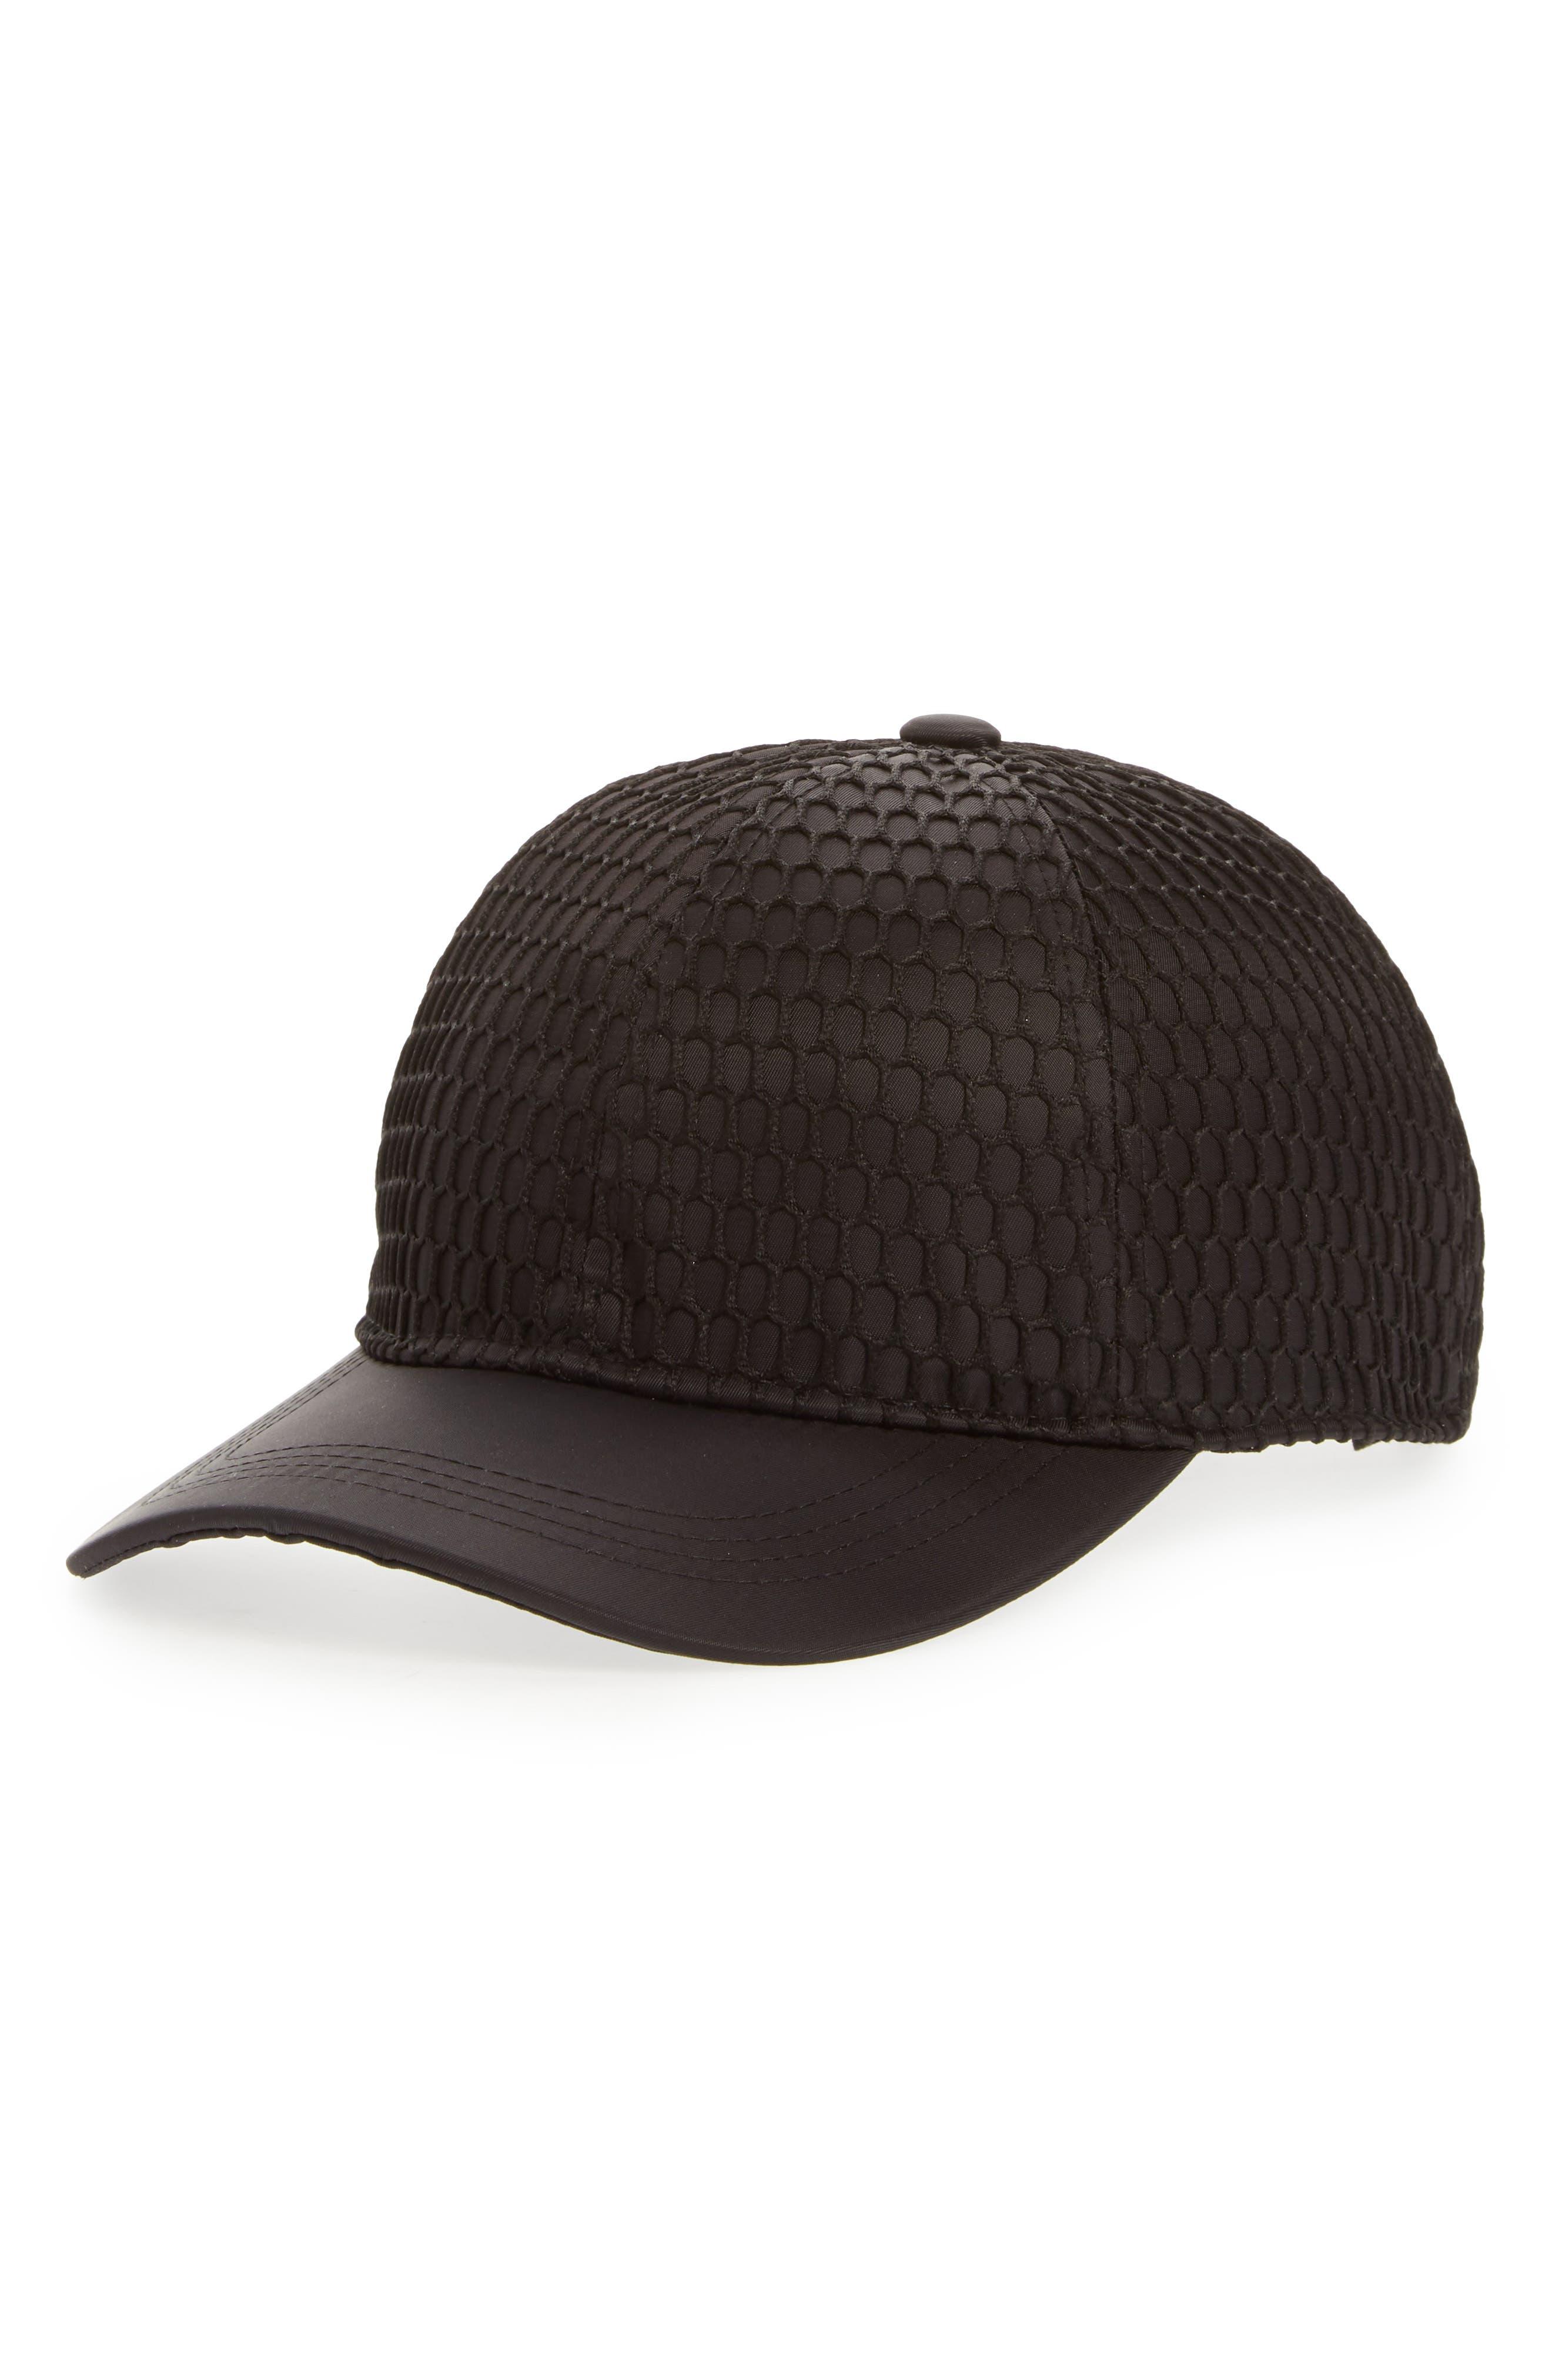 Mesh Crown Baseball Cap,                         Main,                         color, Black